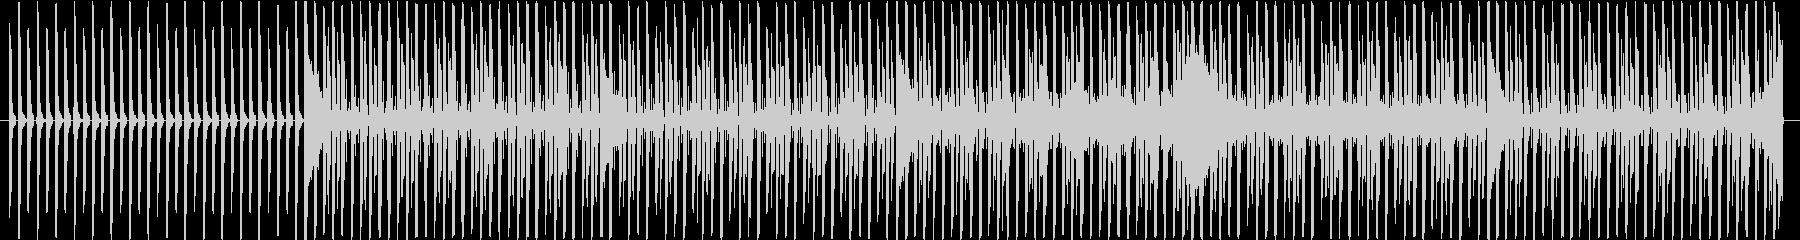 エレクトロポップ研究所バウンシーハ...の未再生の波形